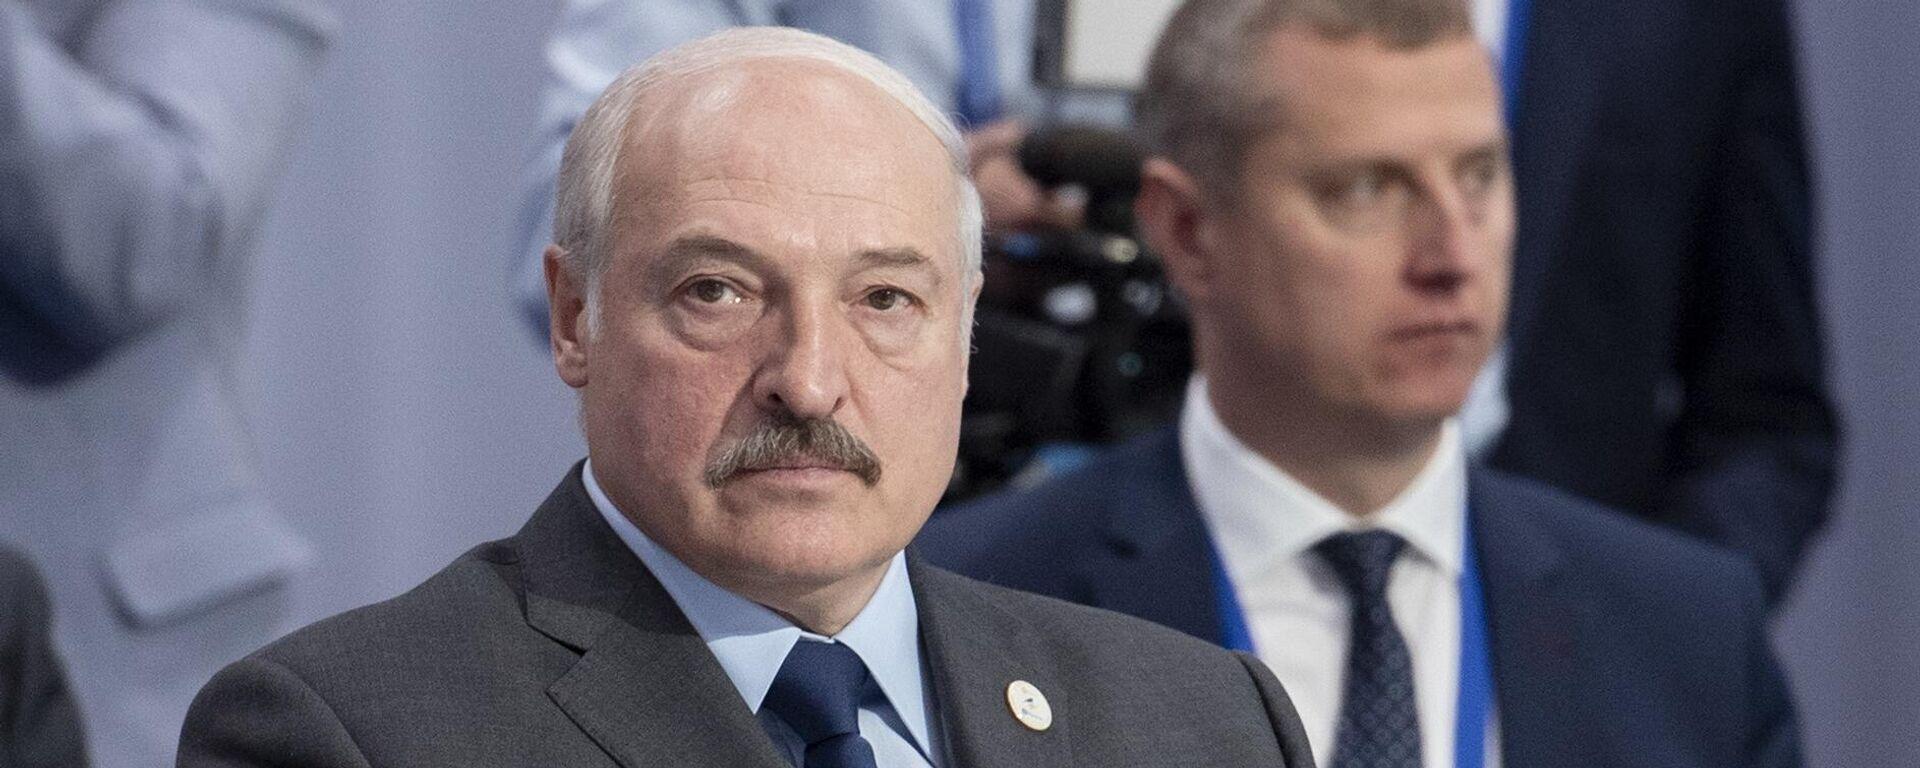 Aleksandr Lukashenko, presidente de Bielorrusia - Sputnik Mundo, 1920, 02.04.2021